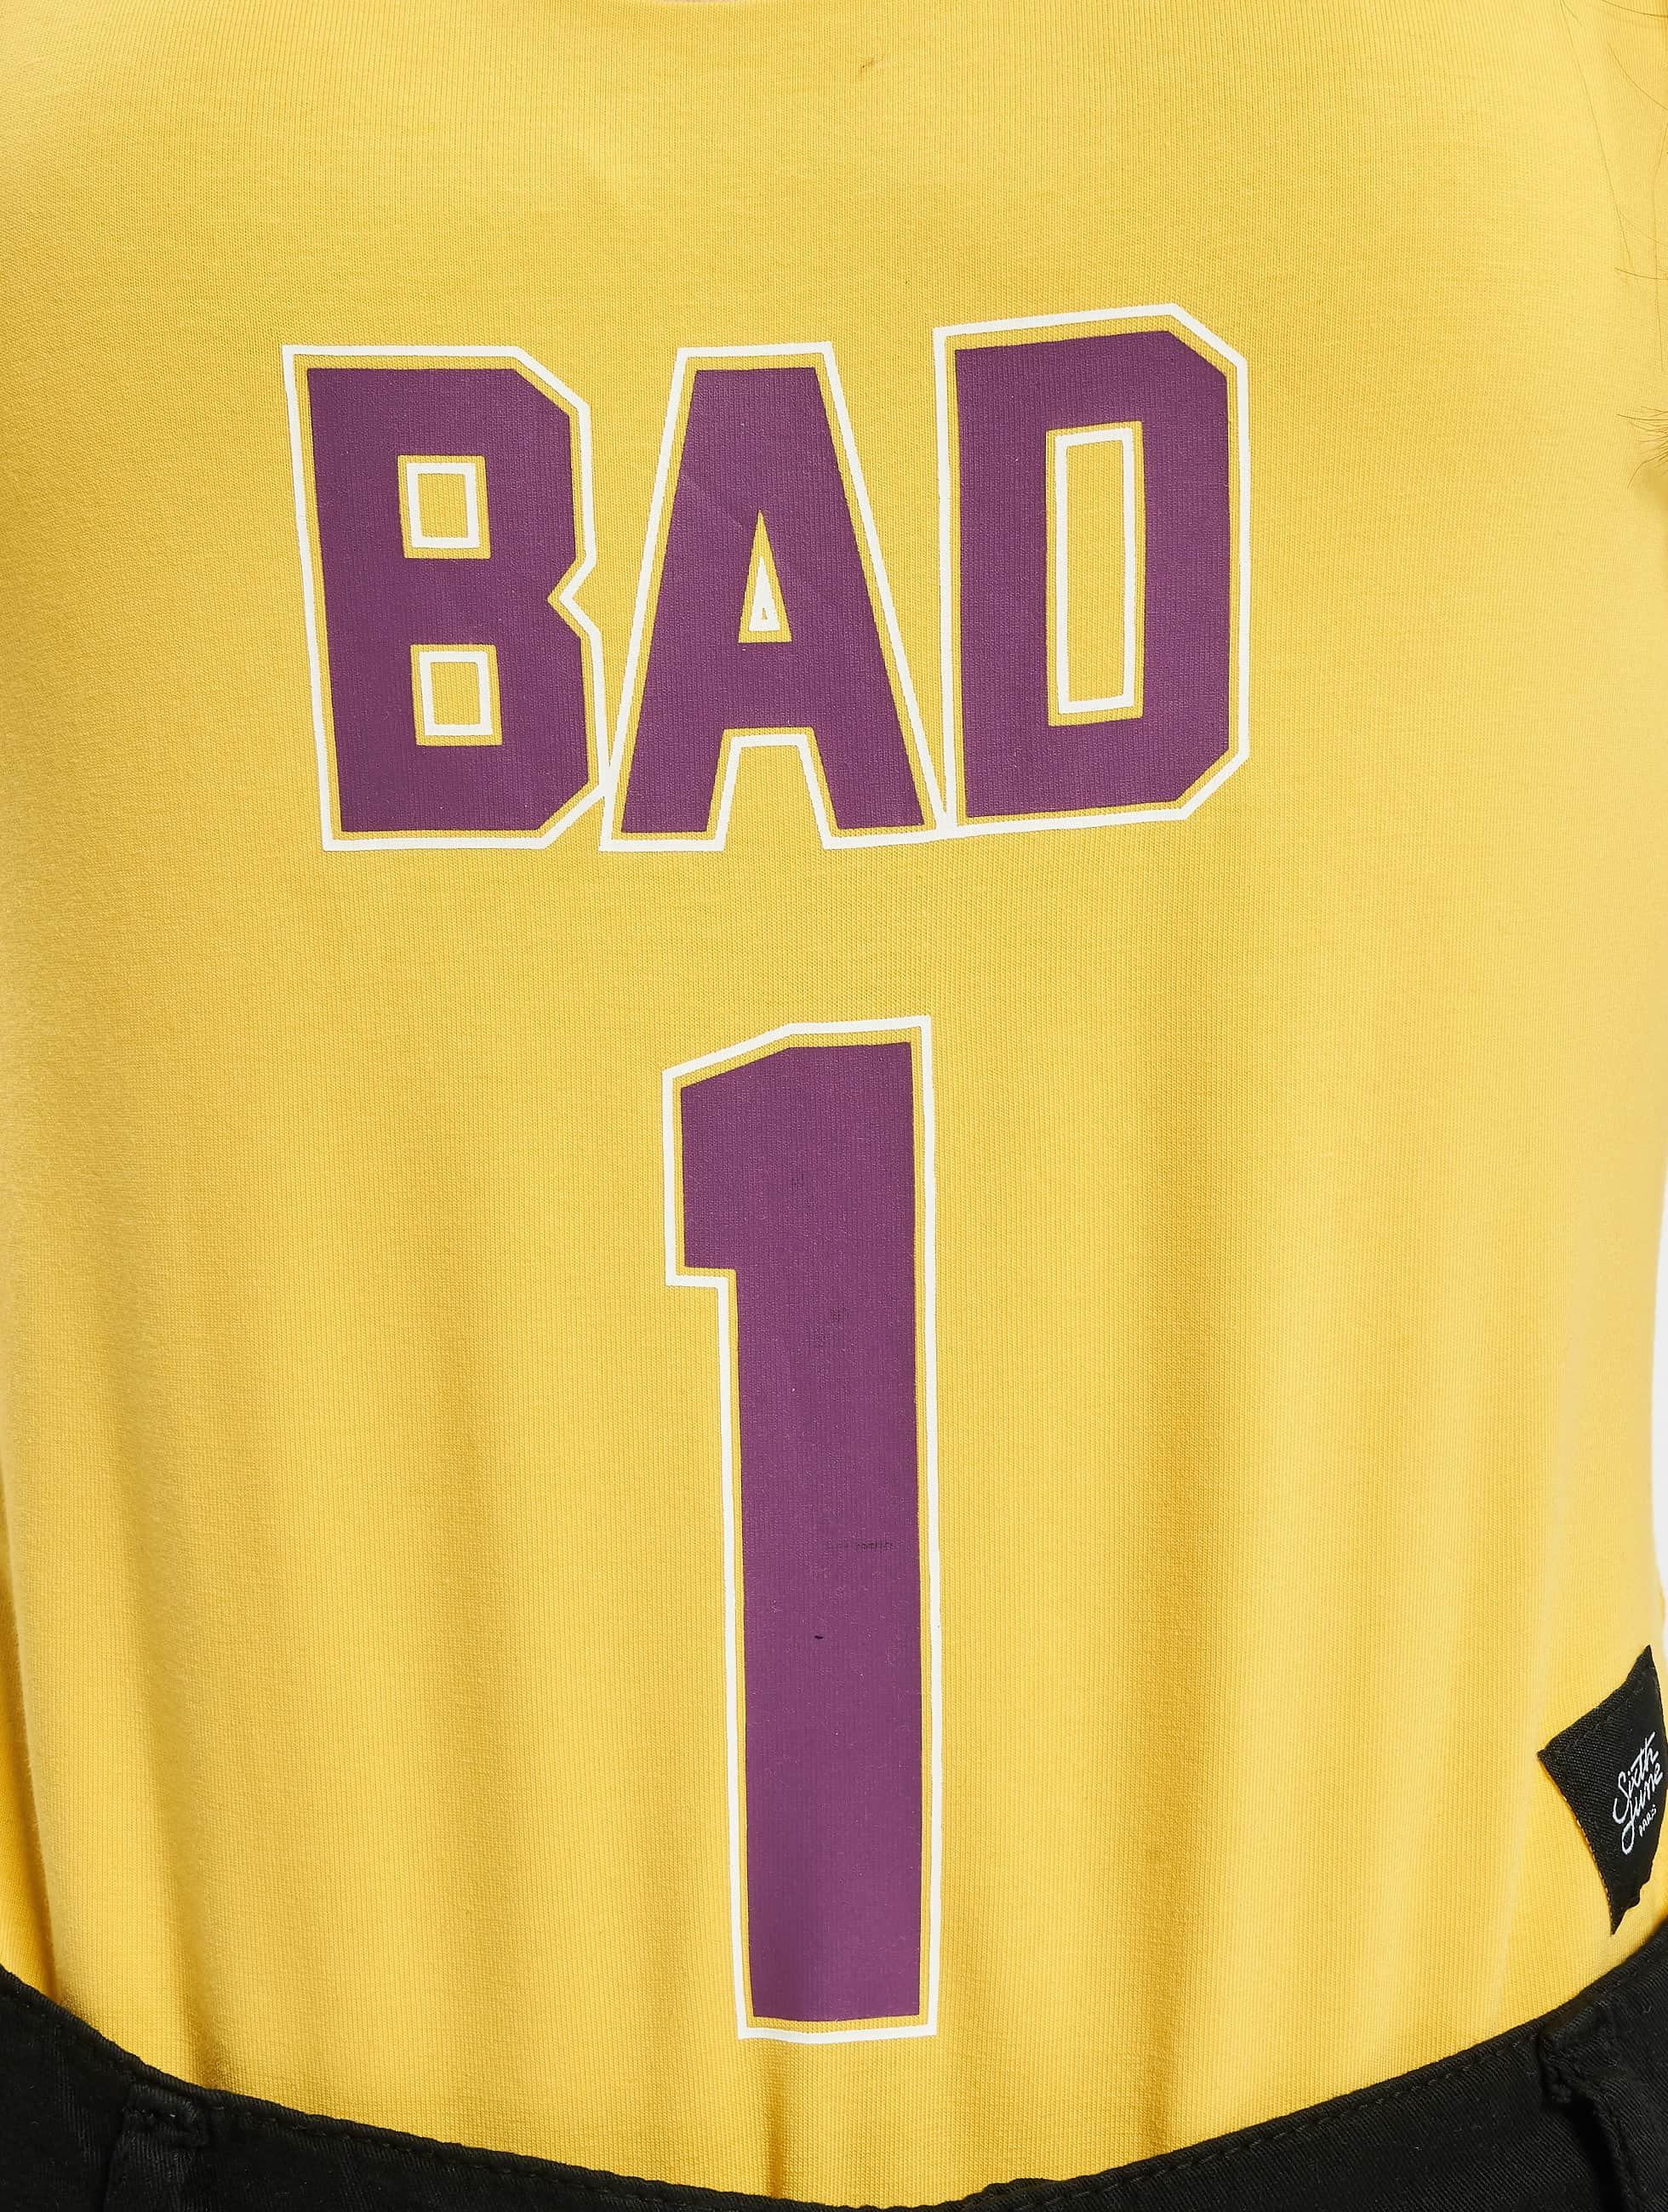 Sixth June Body Bad žlutý